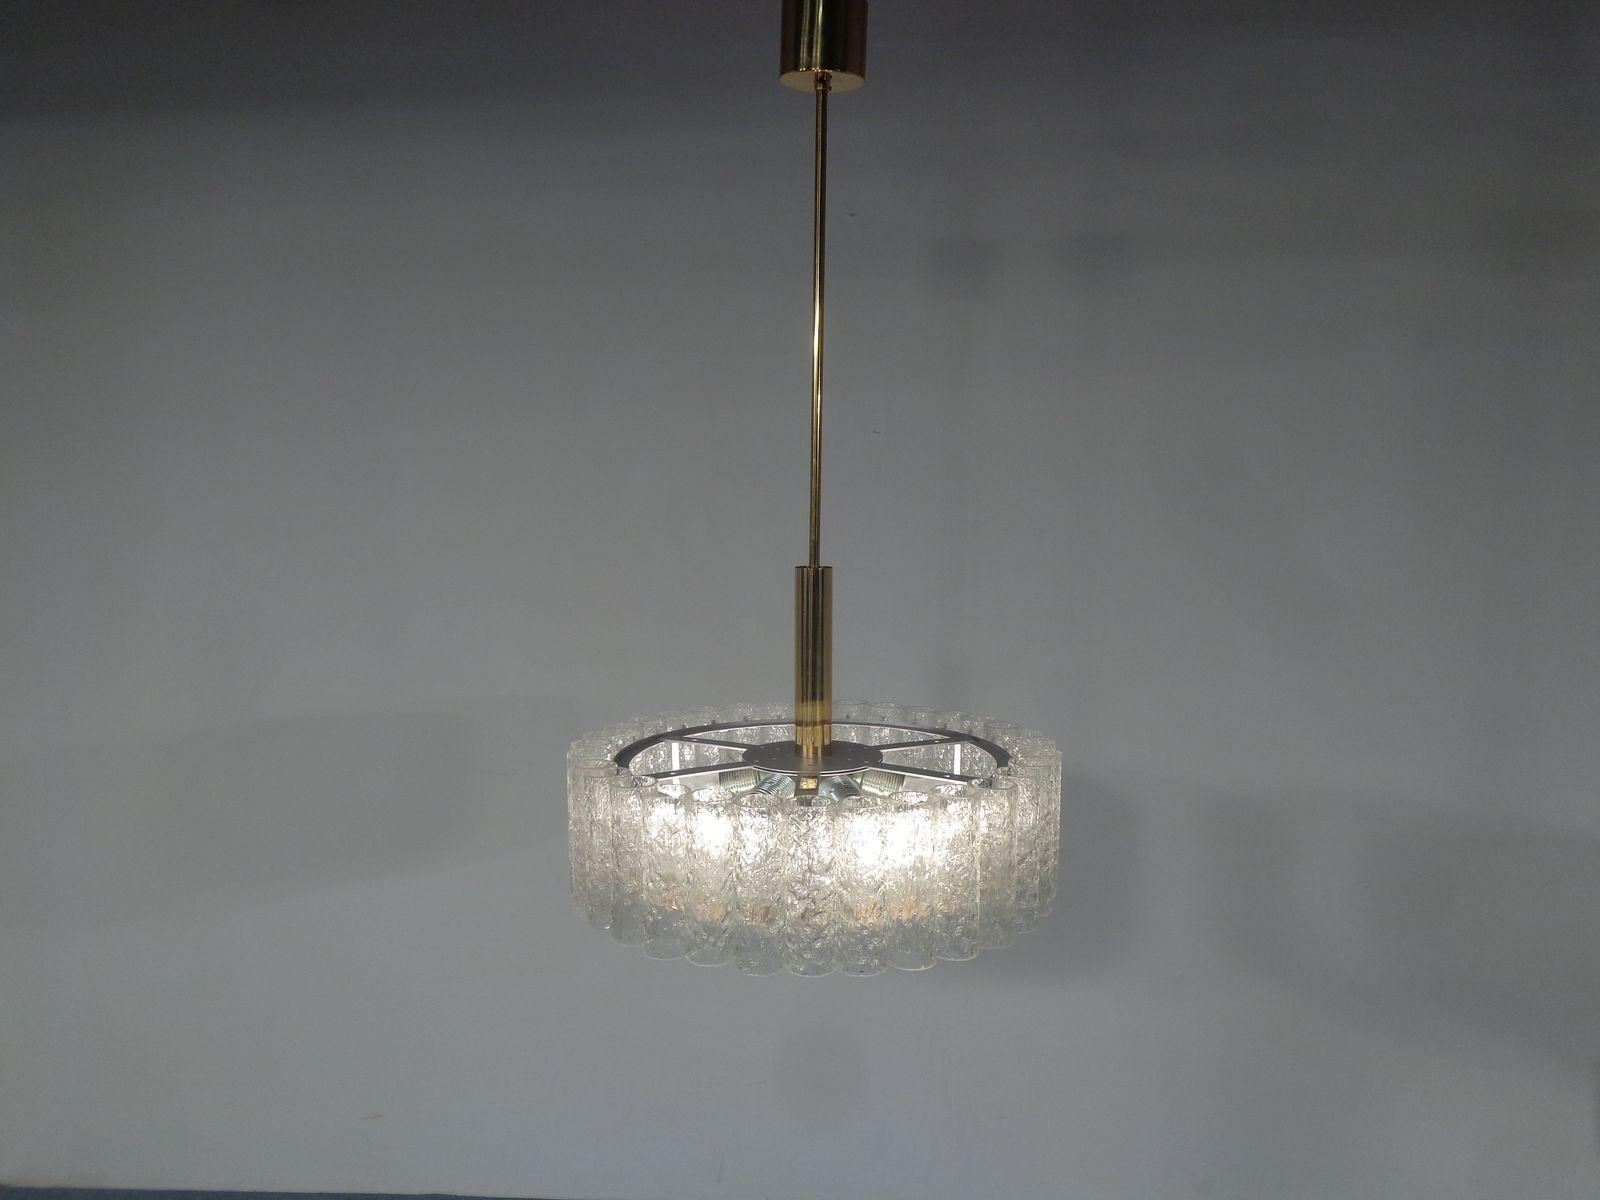 Grosse Runde Deckenleuchte Led Esszimmerleuchte Dimmbar Indirekte Beleuchtung Led Streifen Deckenlampe Fla Indirekte Beleuchtung Led Led Deckenleuchte Led